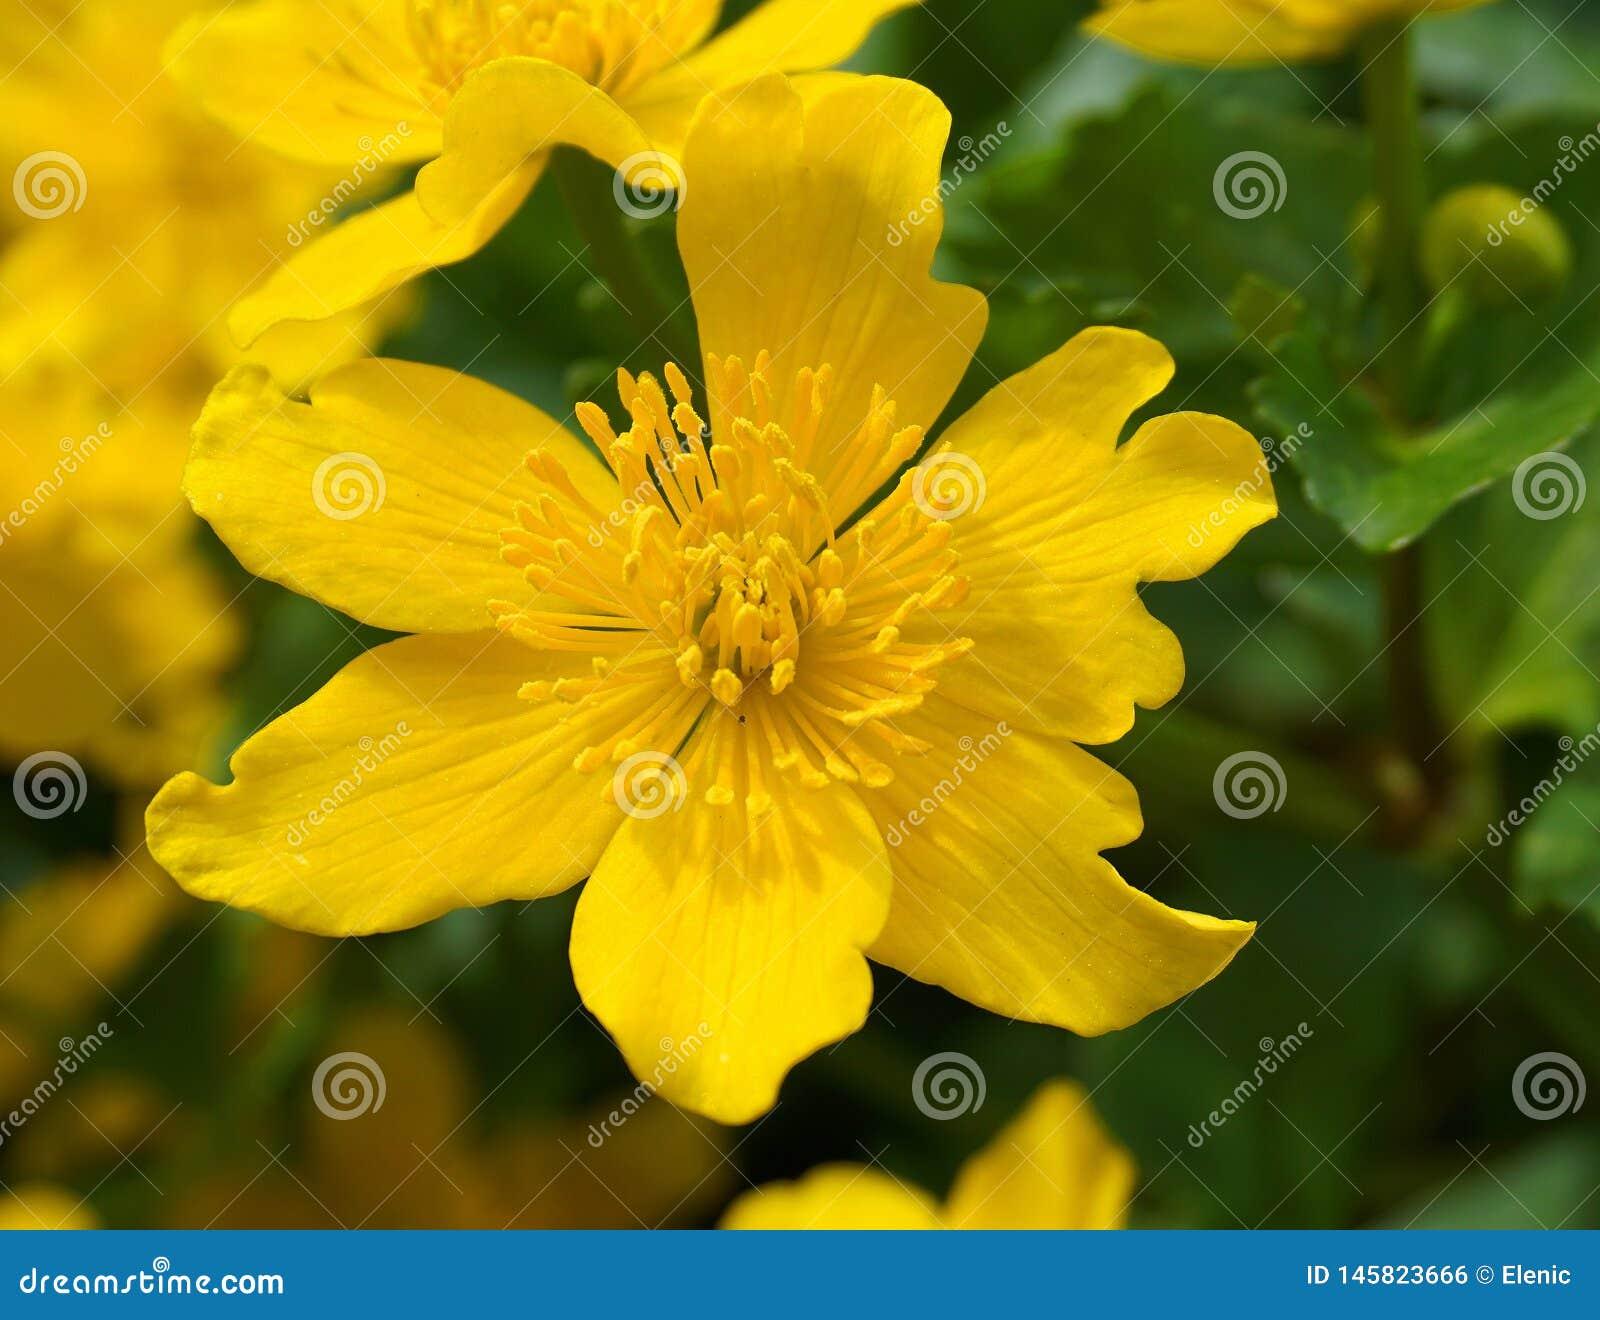 在绿色叶子背景关闭的明亮的黄色猿猴草属花 猿猴草属palustris,叫作沼泽万寿菊和kingcup花